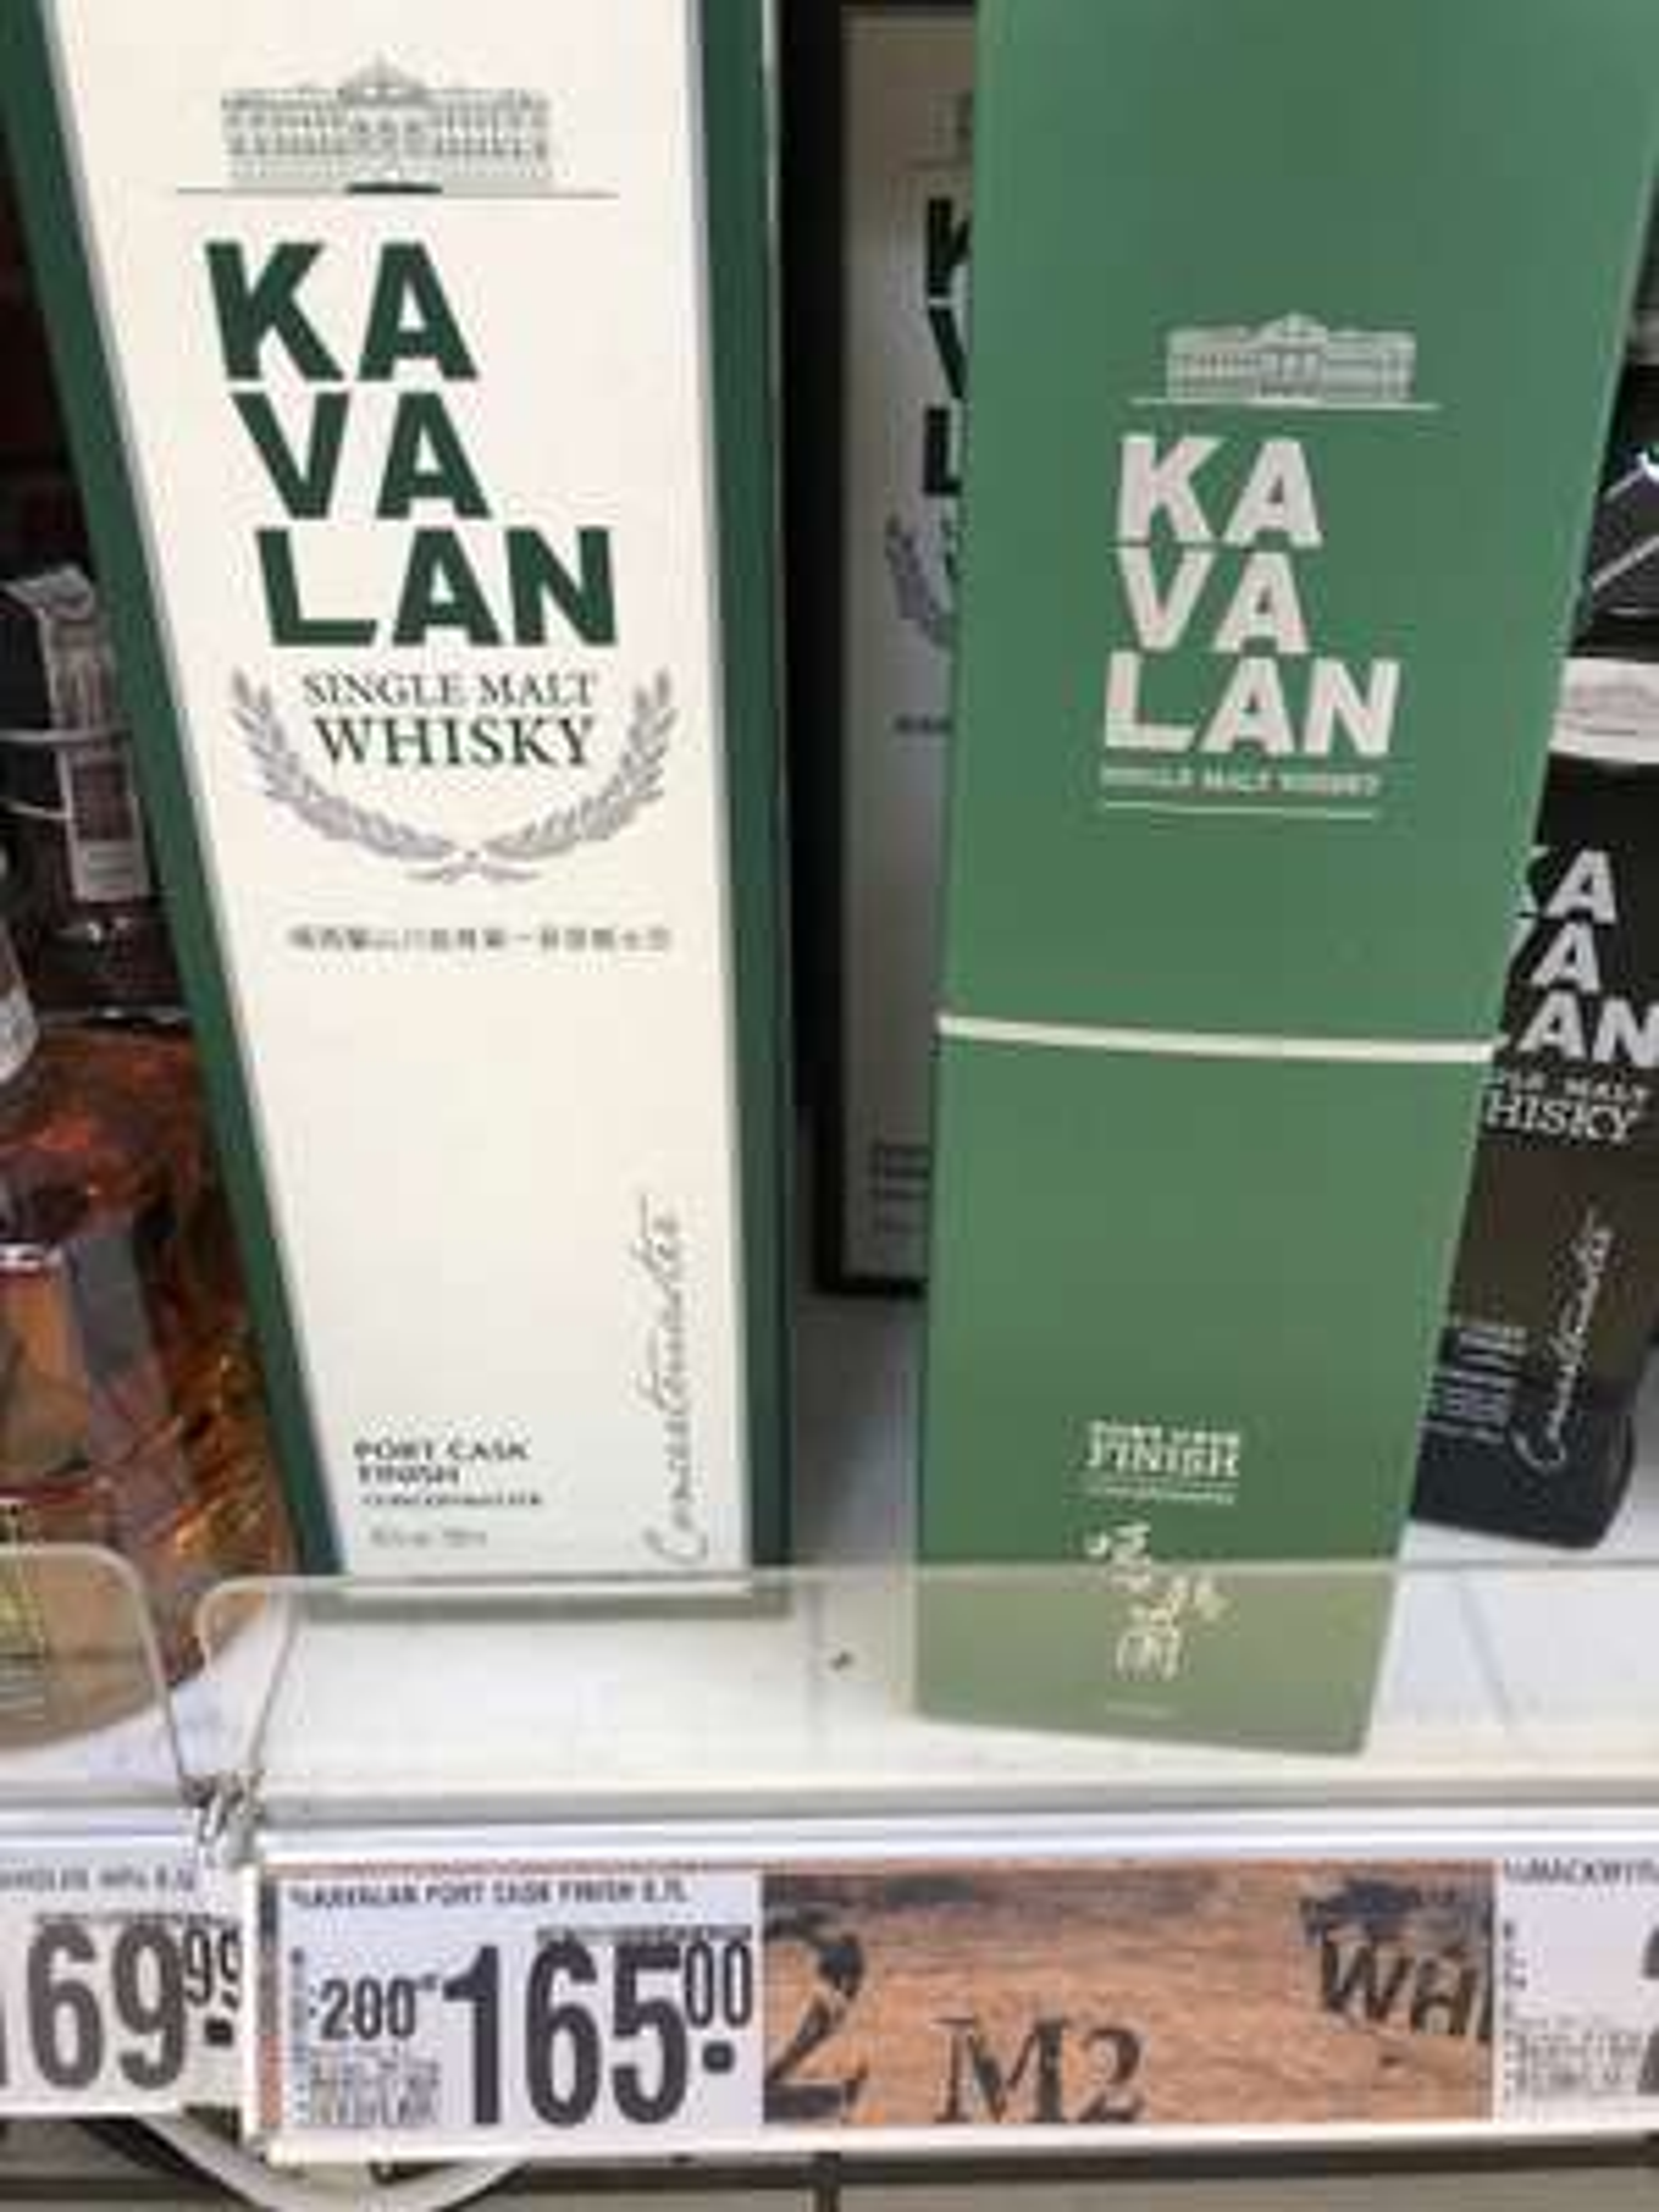 Kavalan single malt whisky @ Auchan, Warszawa-Ursynów